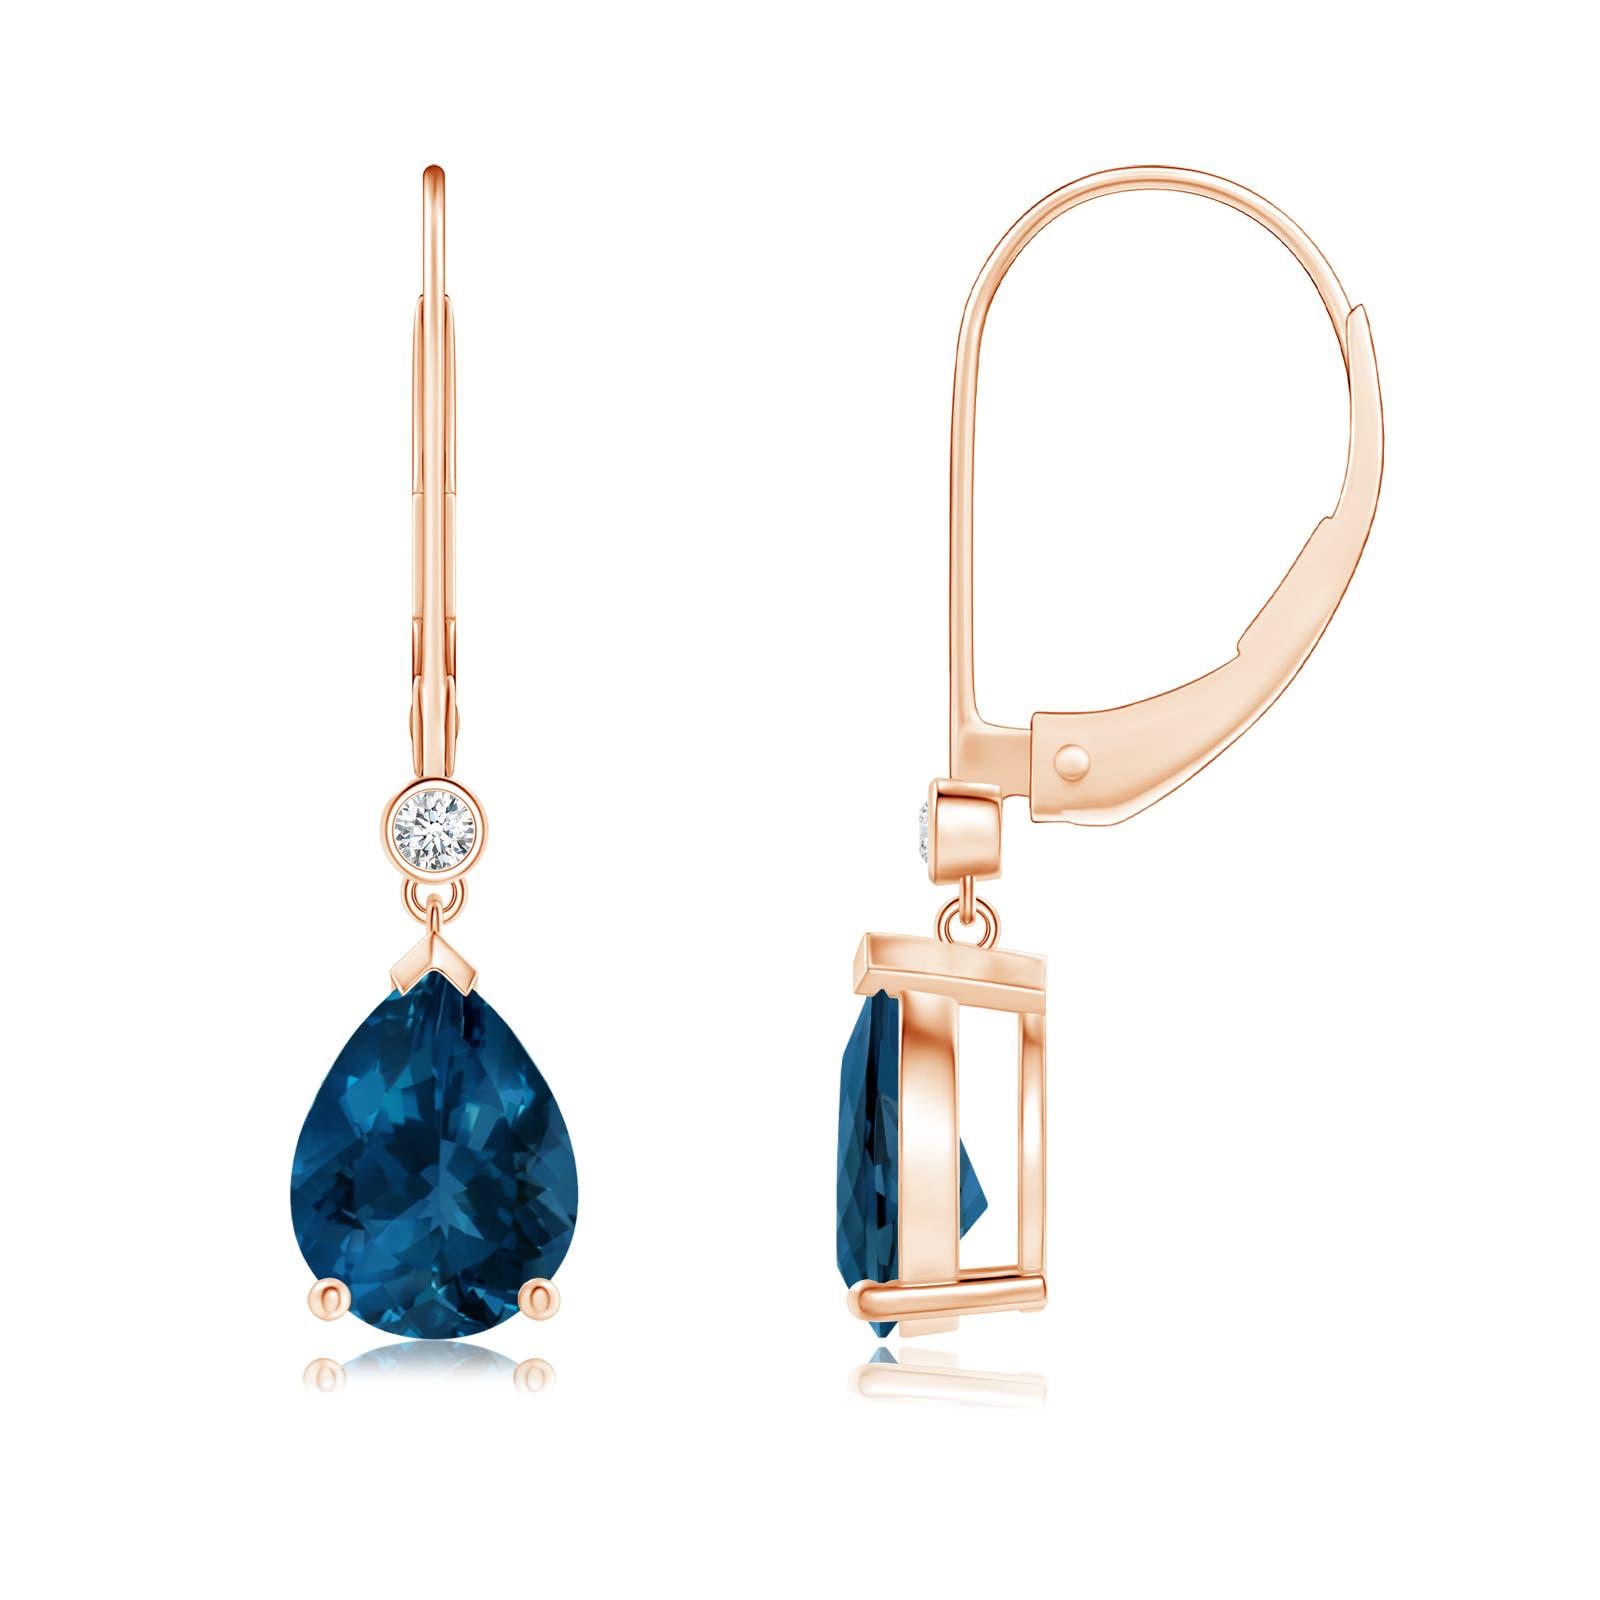 Angara Pear-Shaped London Blue Topaz Stud Earrings with Diamonds GO81wJ